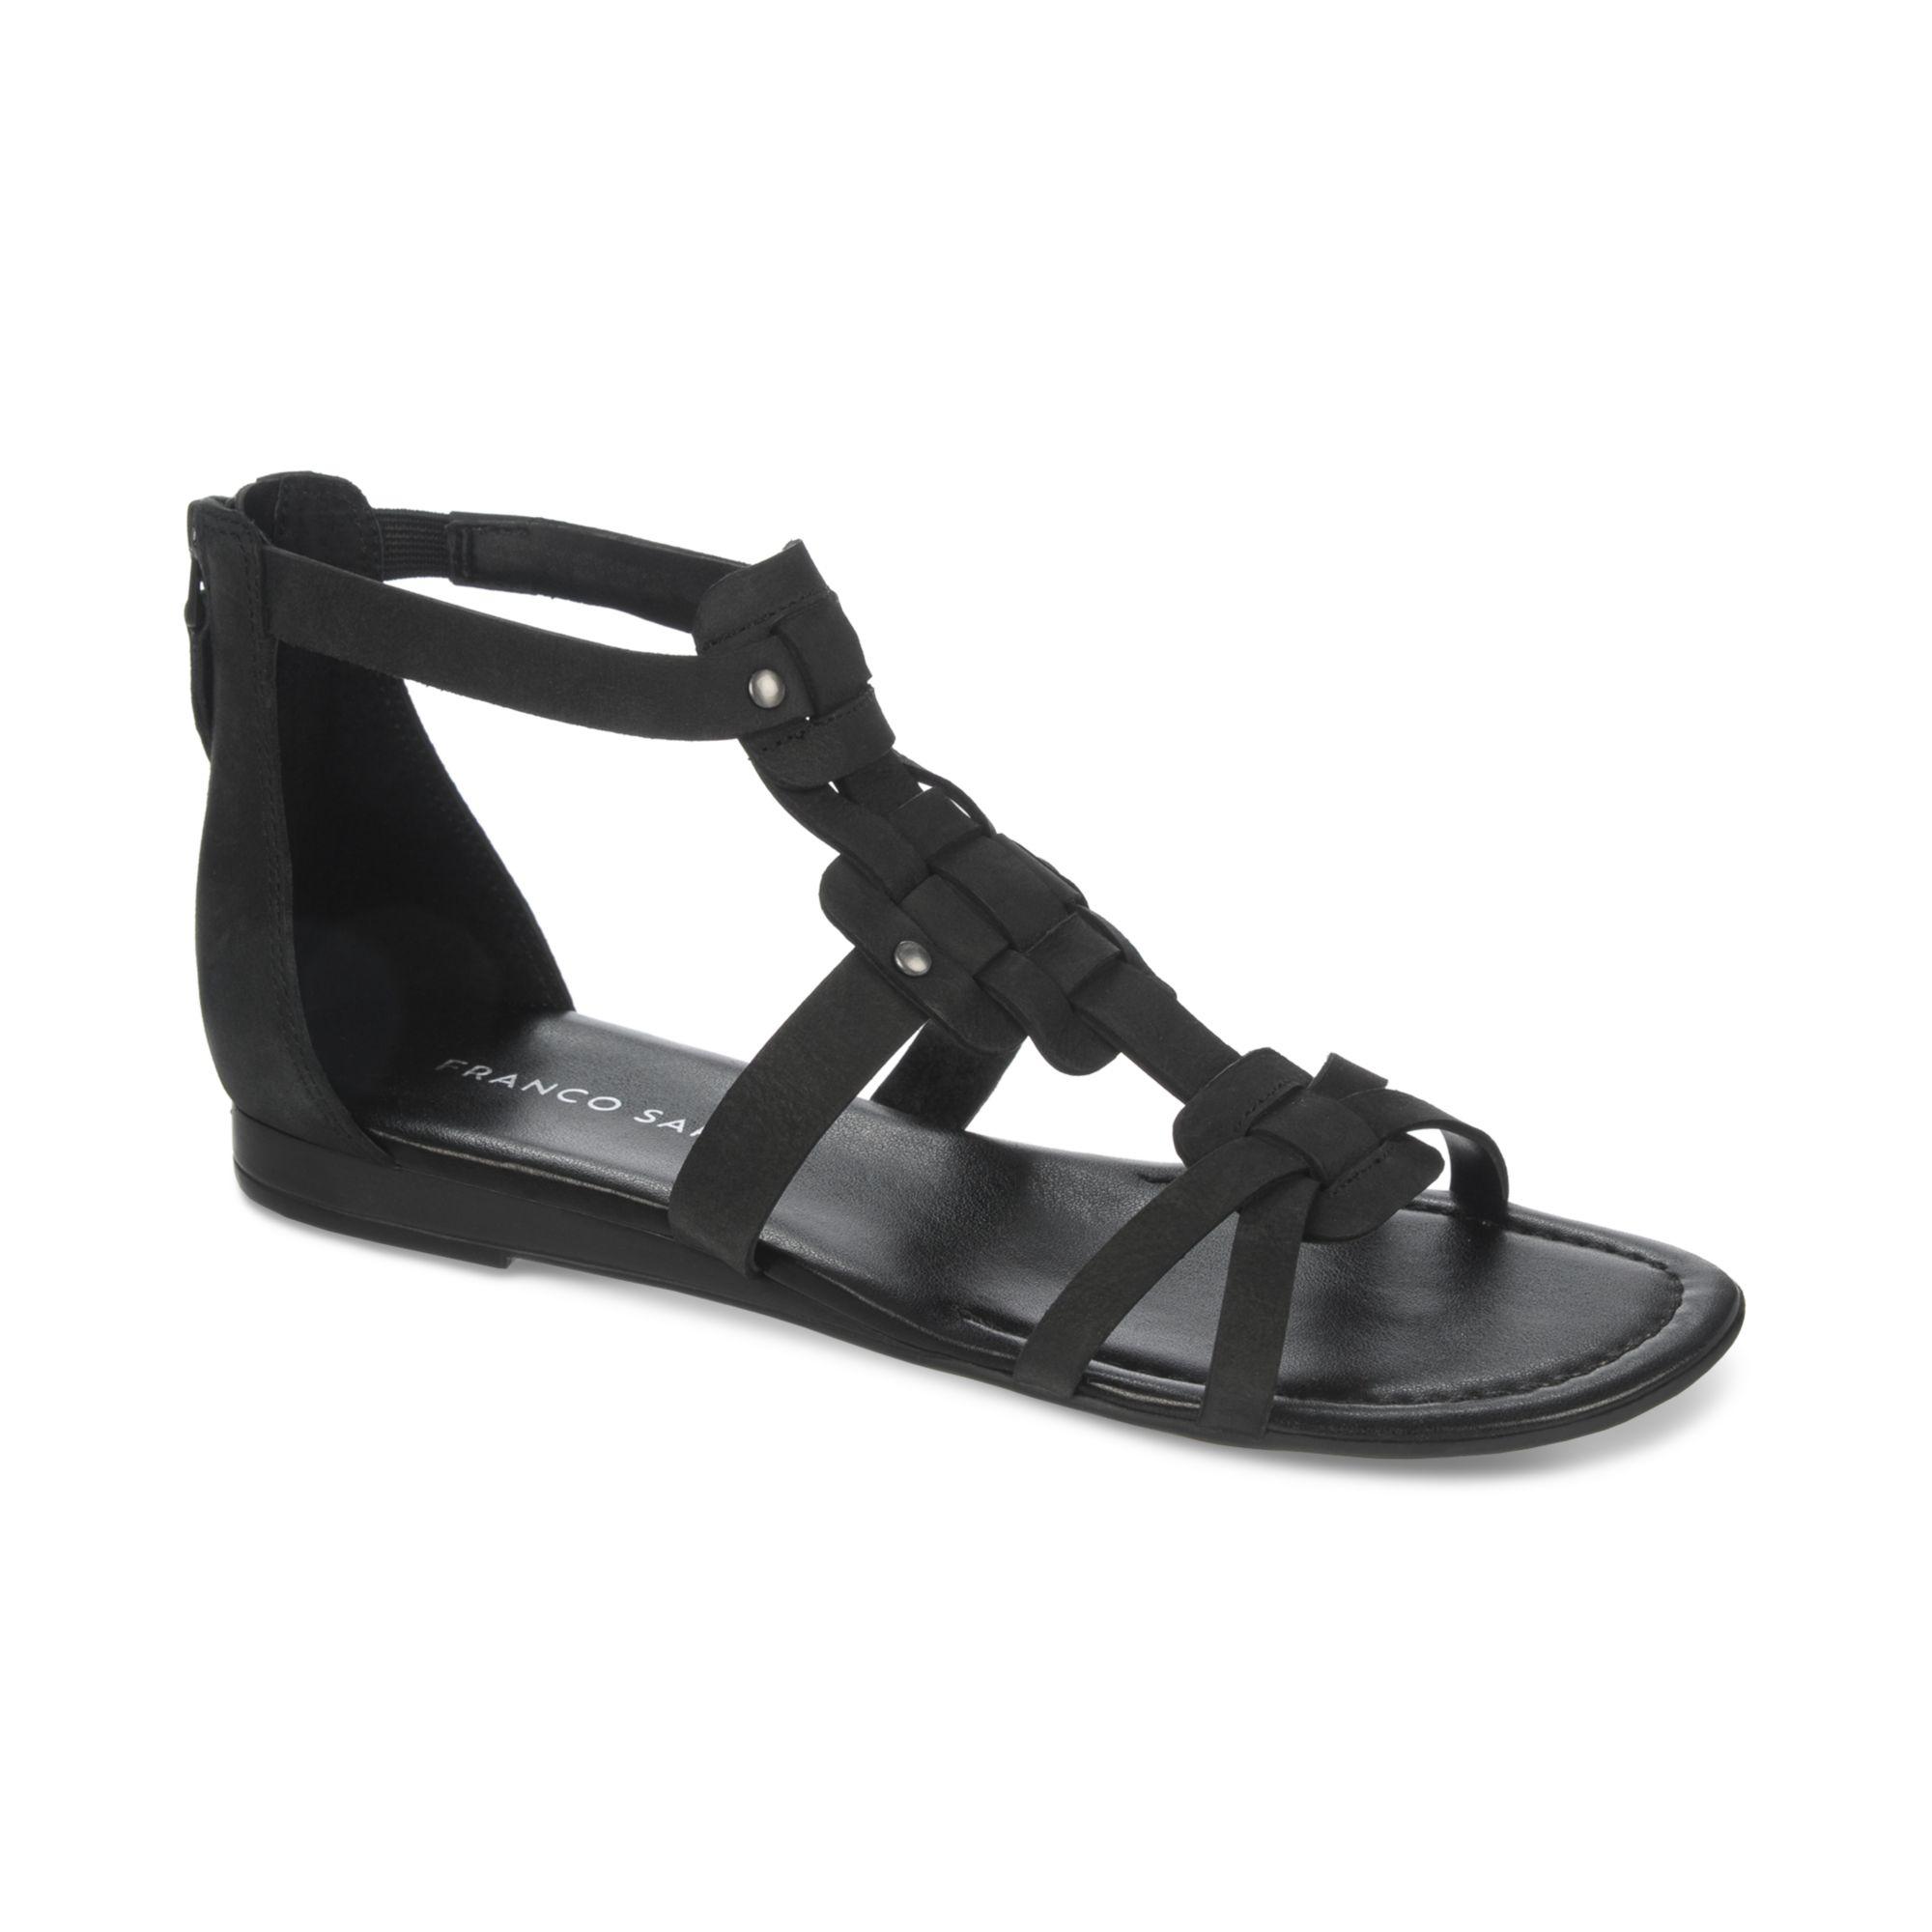 Franco Sarto Glare Mini Wedge Gladiator Sandals In Black